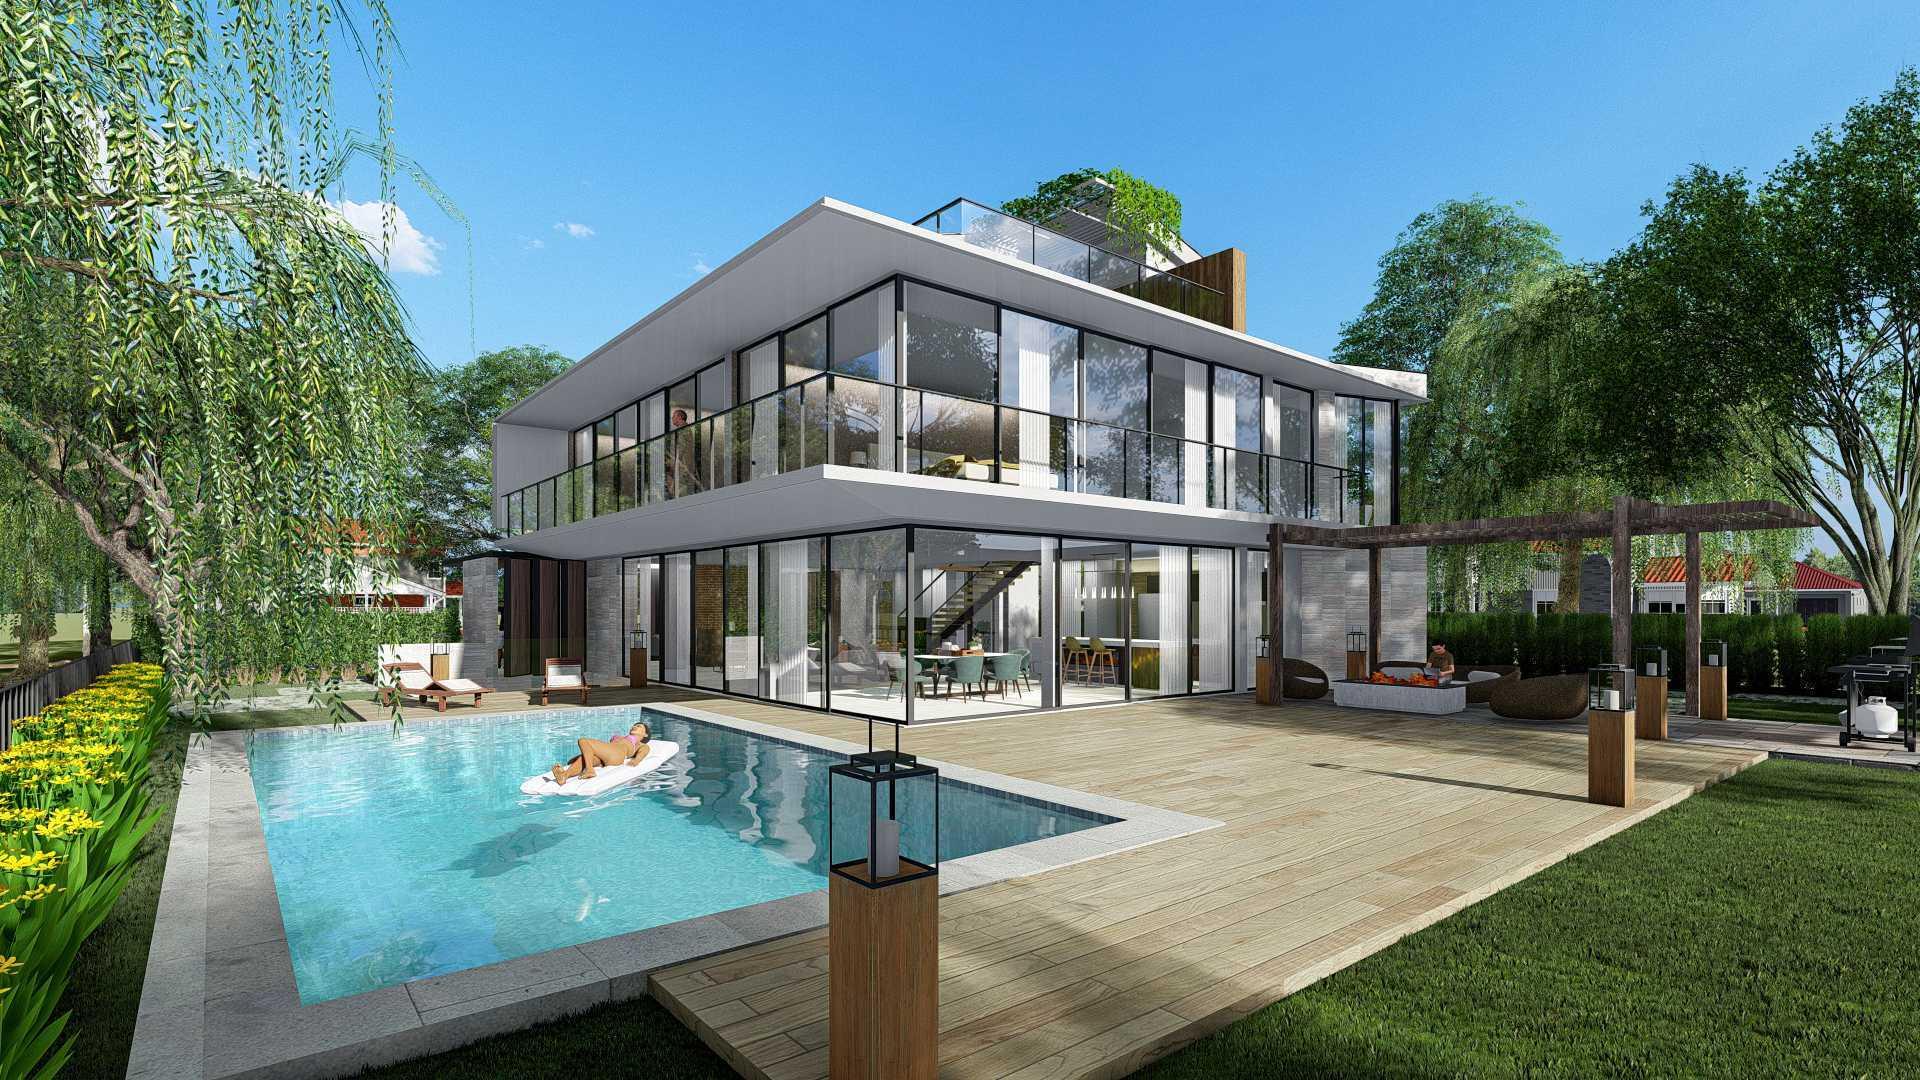 Bral Architect Alpen House In Germany 46519 Alpen, Jerman 46519 Alpen, Jerman Bral-Architect-Alpen-House-In-Germany  99882